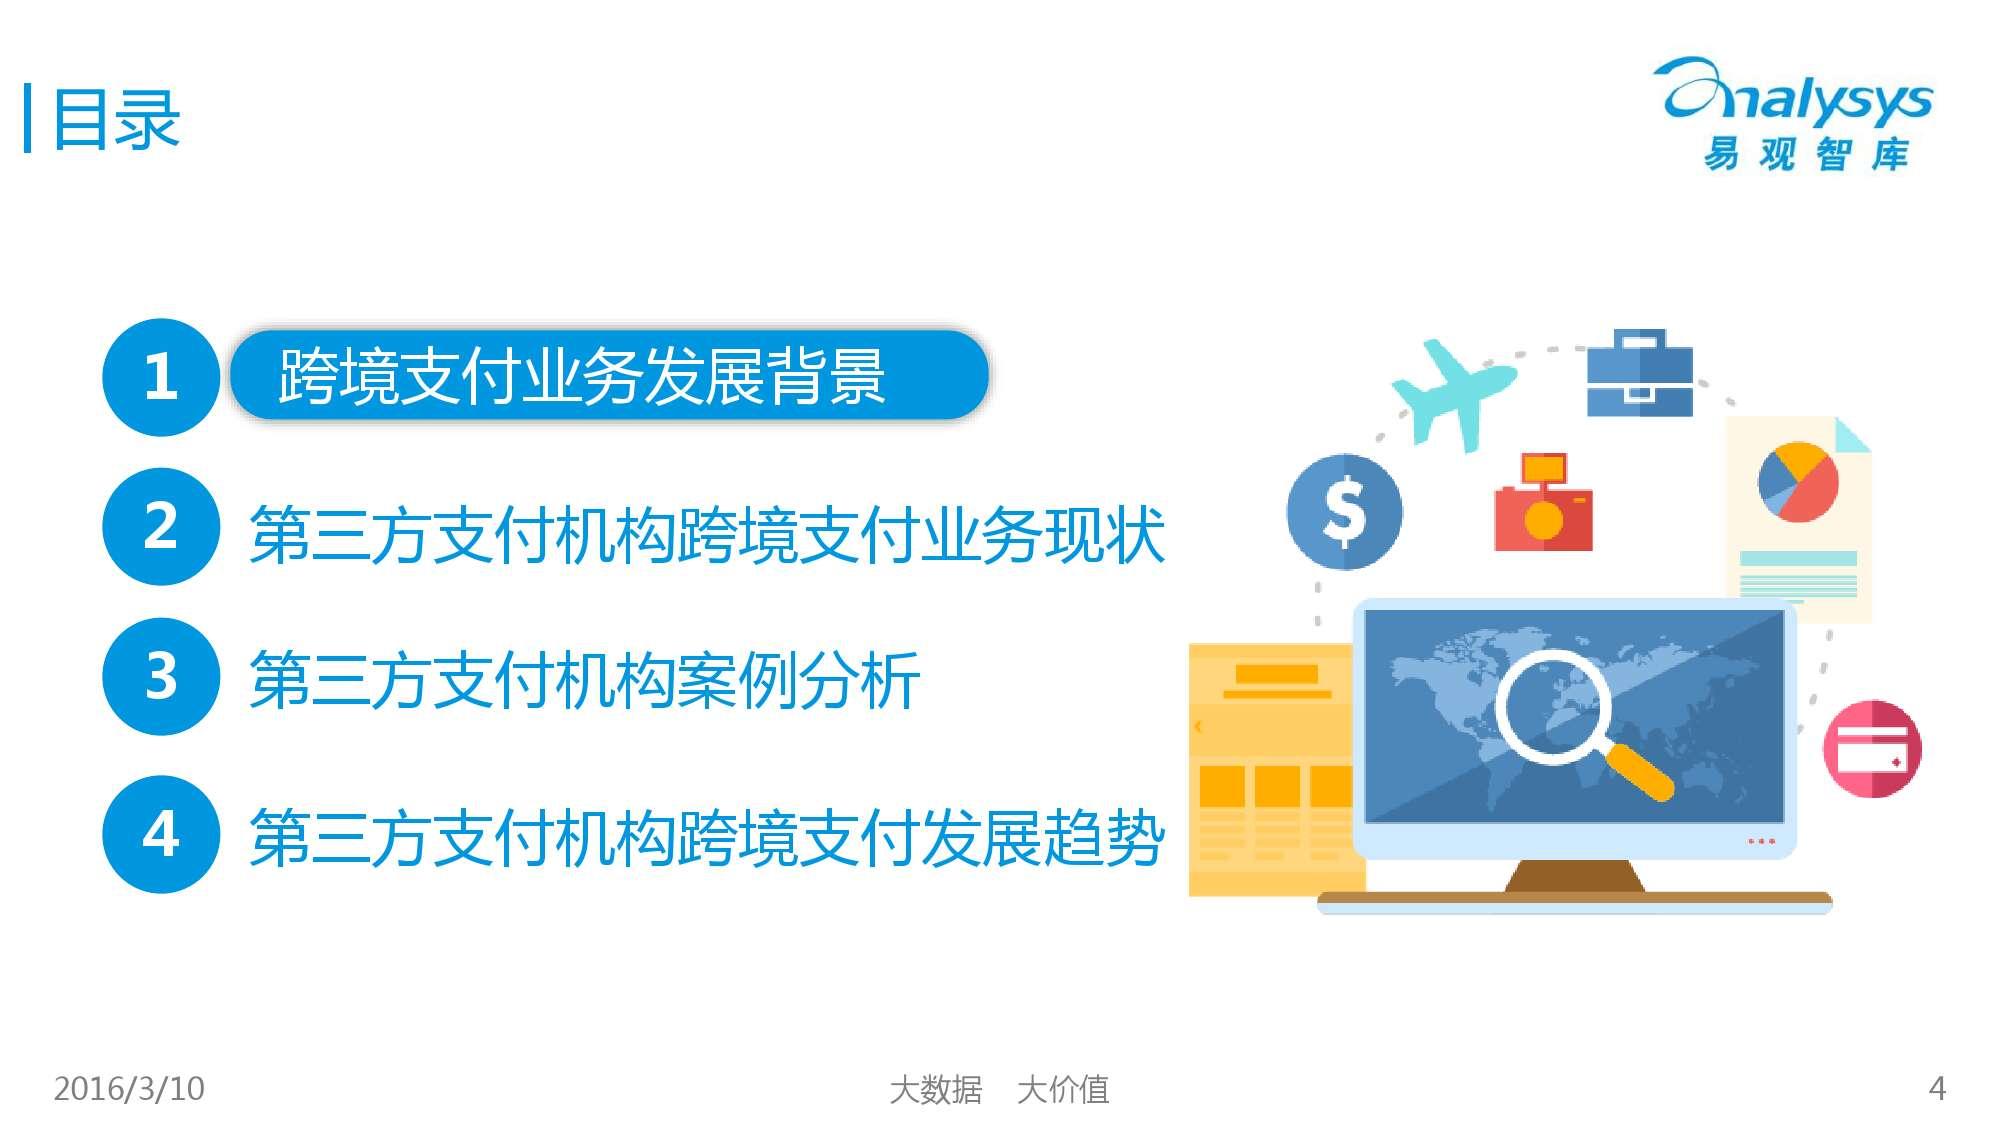 中国跨境支付市场专题研究报告2016_000004